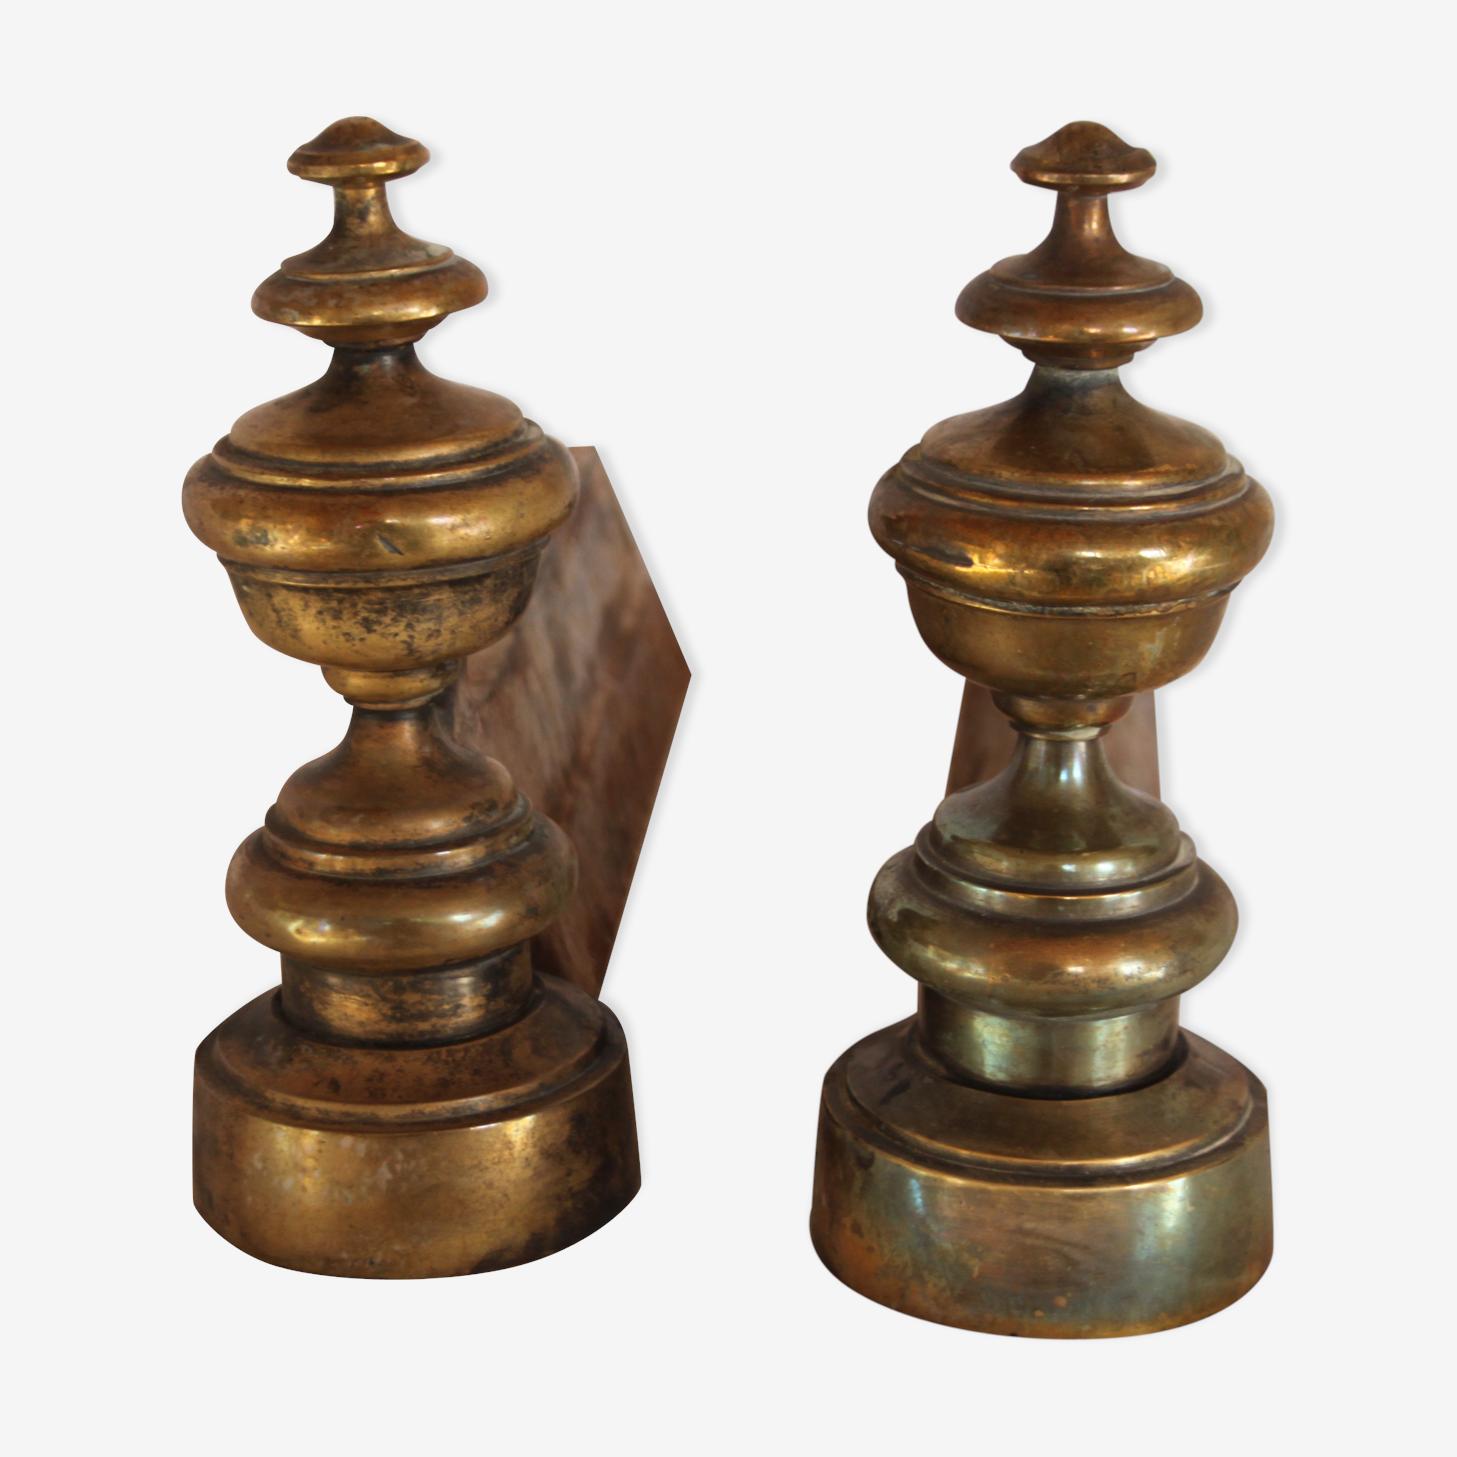 Ancienne paire de chenets d'époque XIX ème